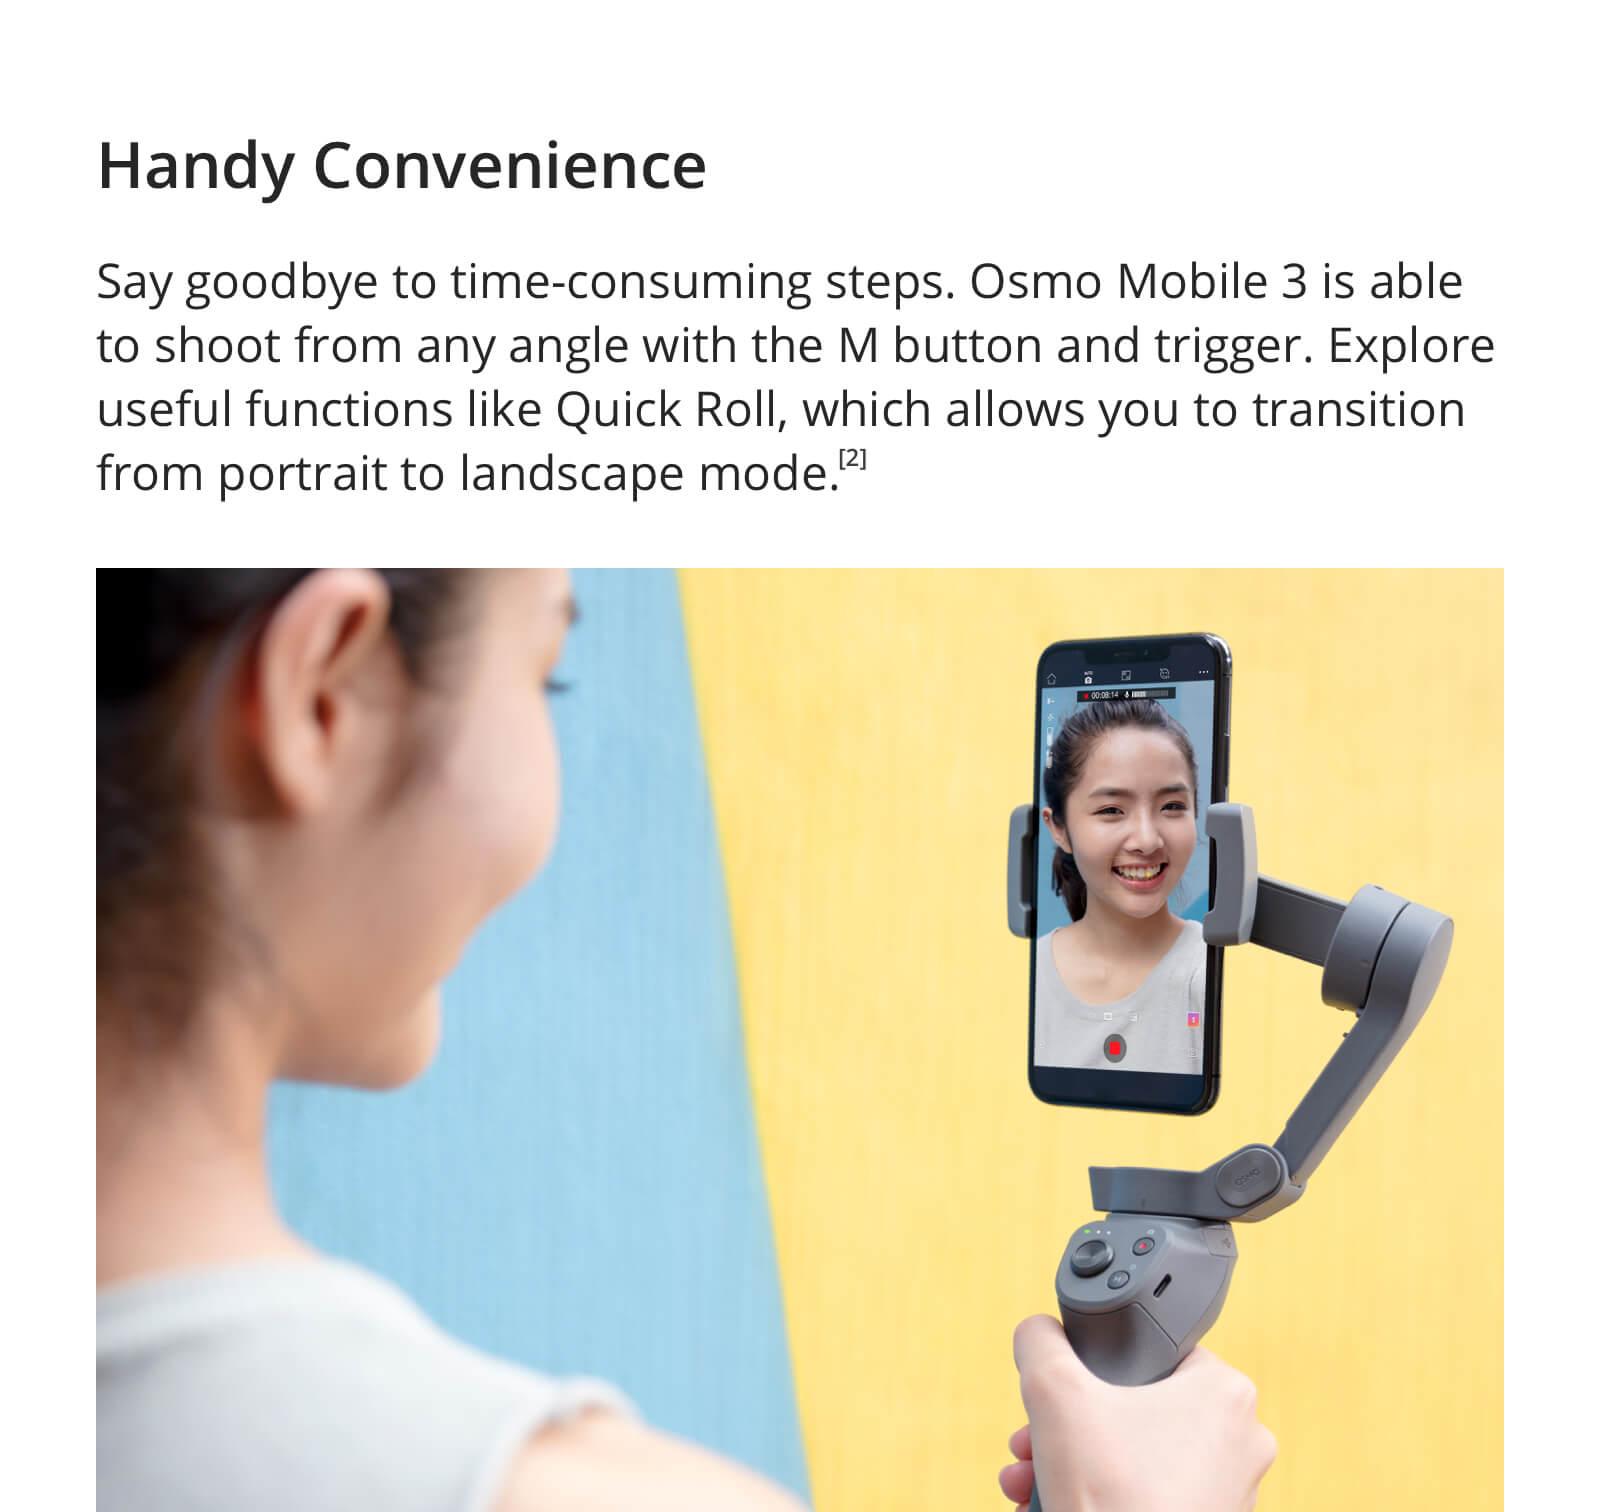 خرید osmo mobile 3